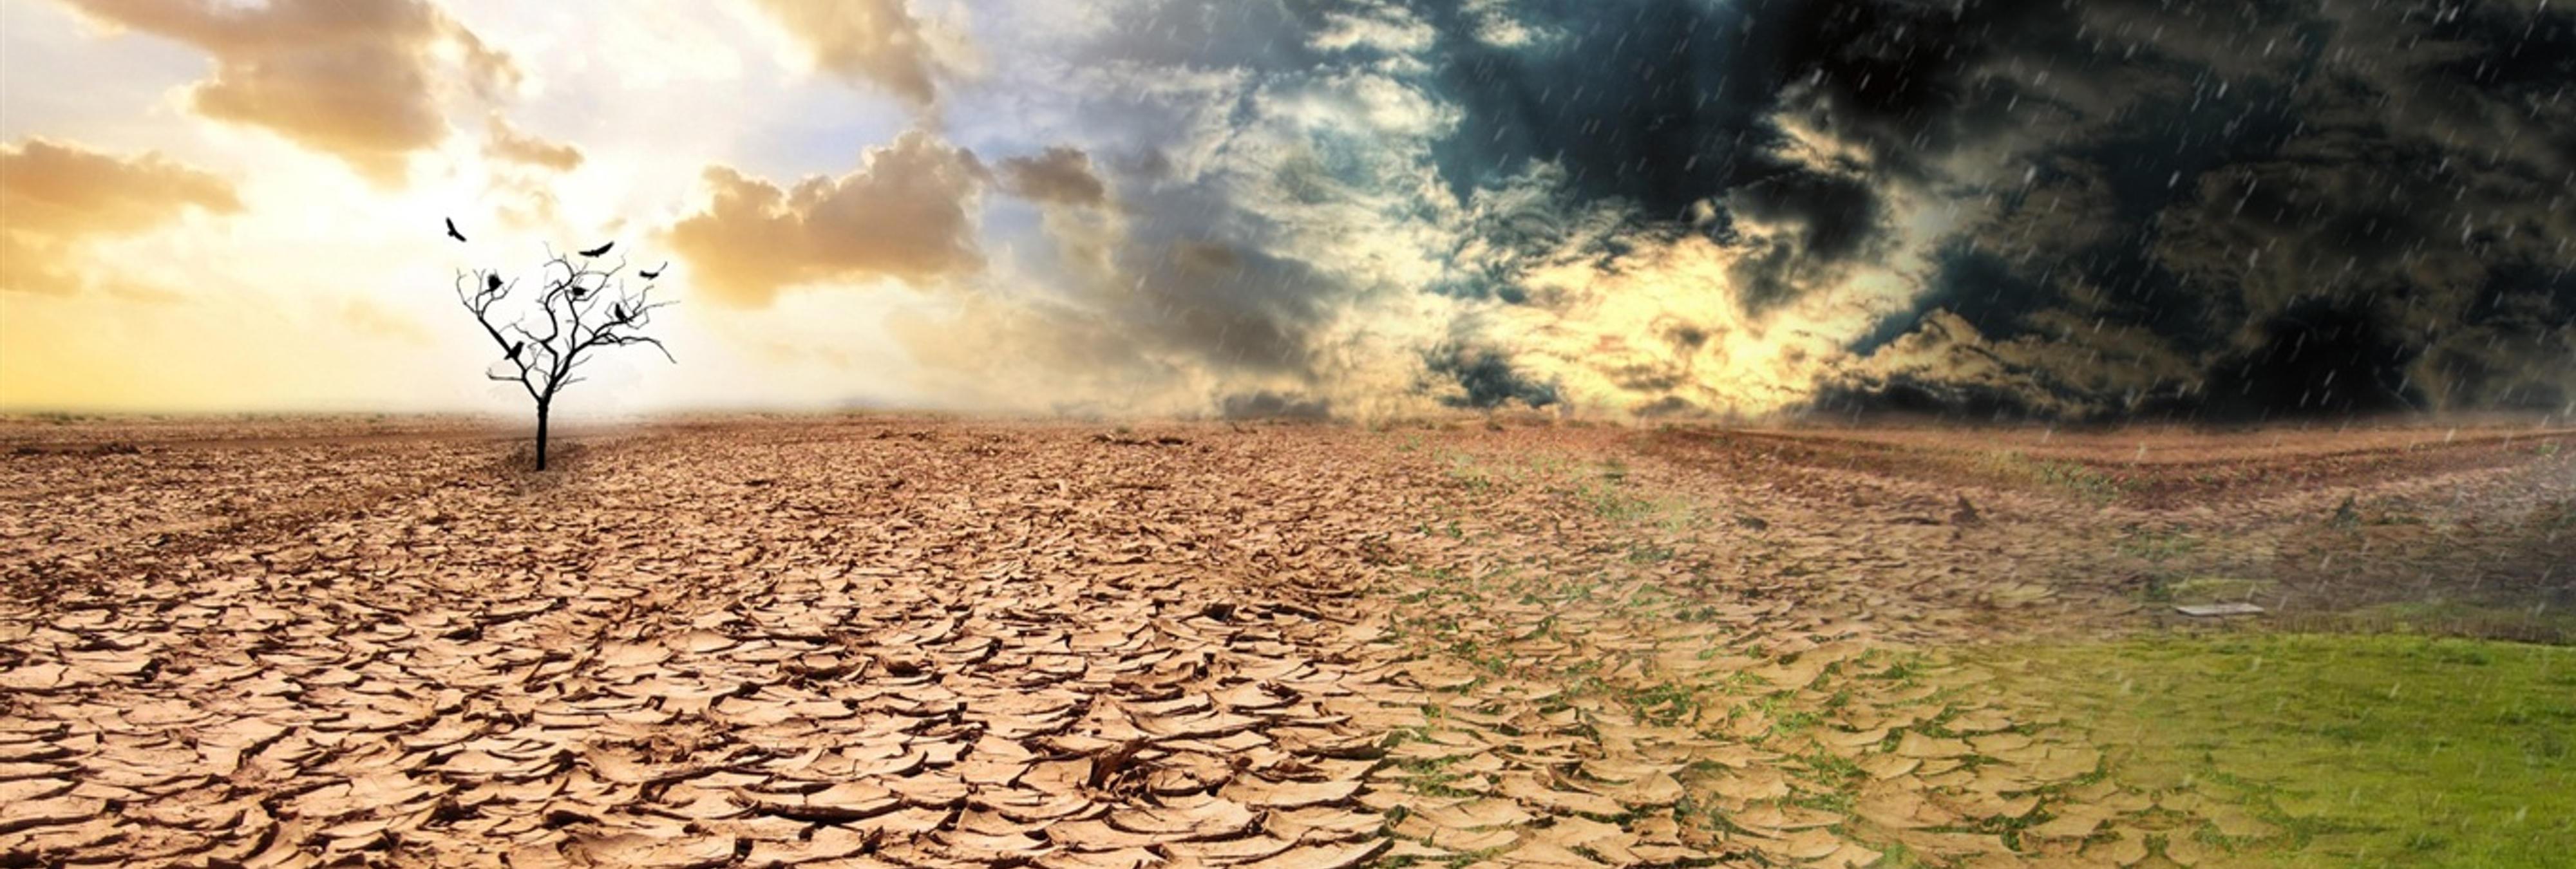 La Tierra enfrenta una extinción masiva similar a la de los dinosaurios, según la biología